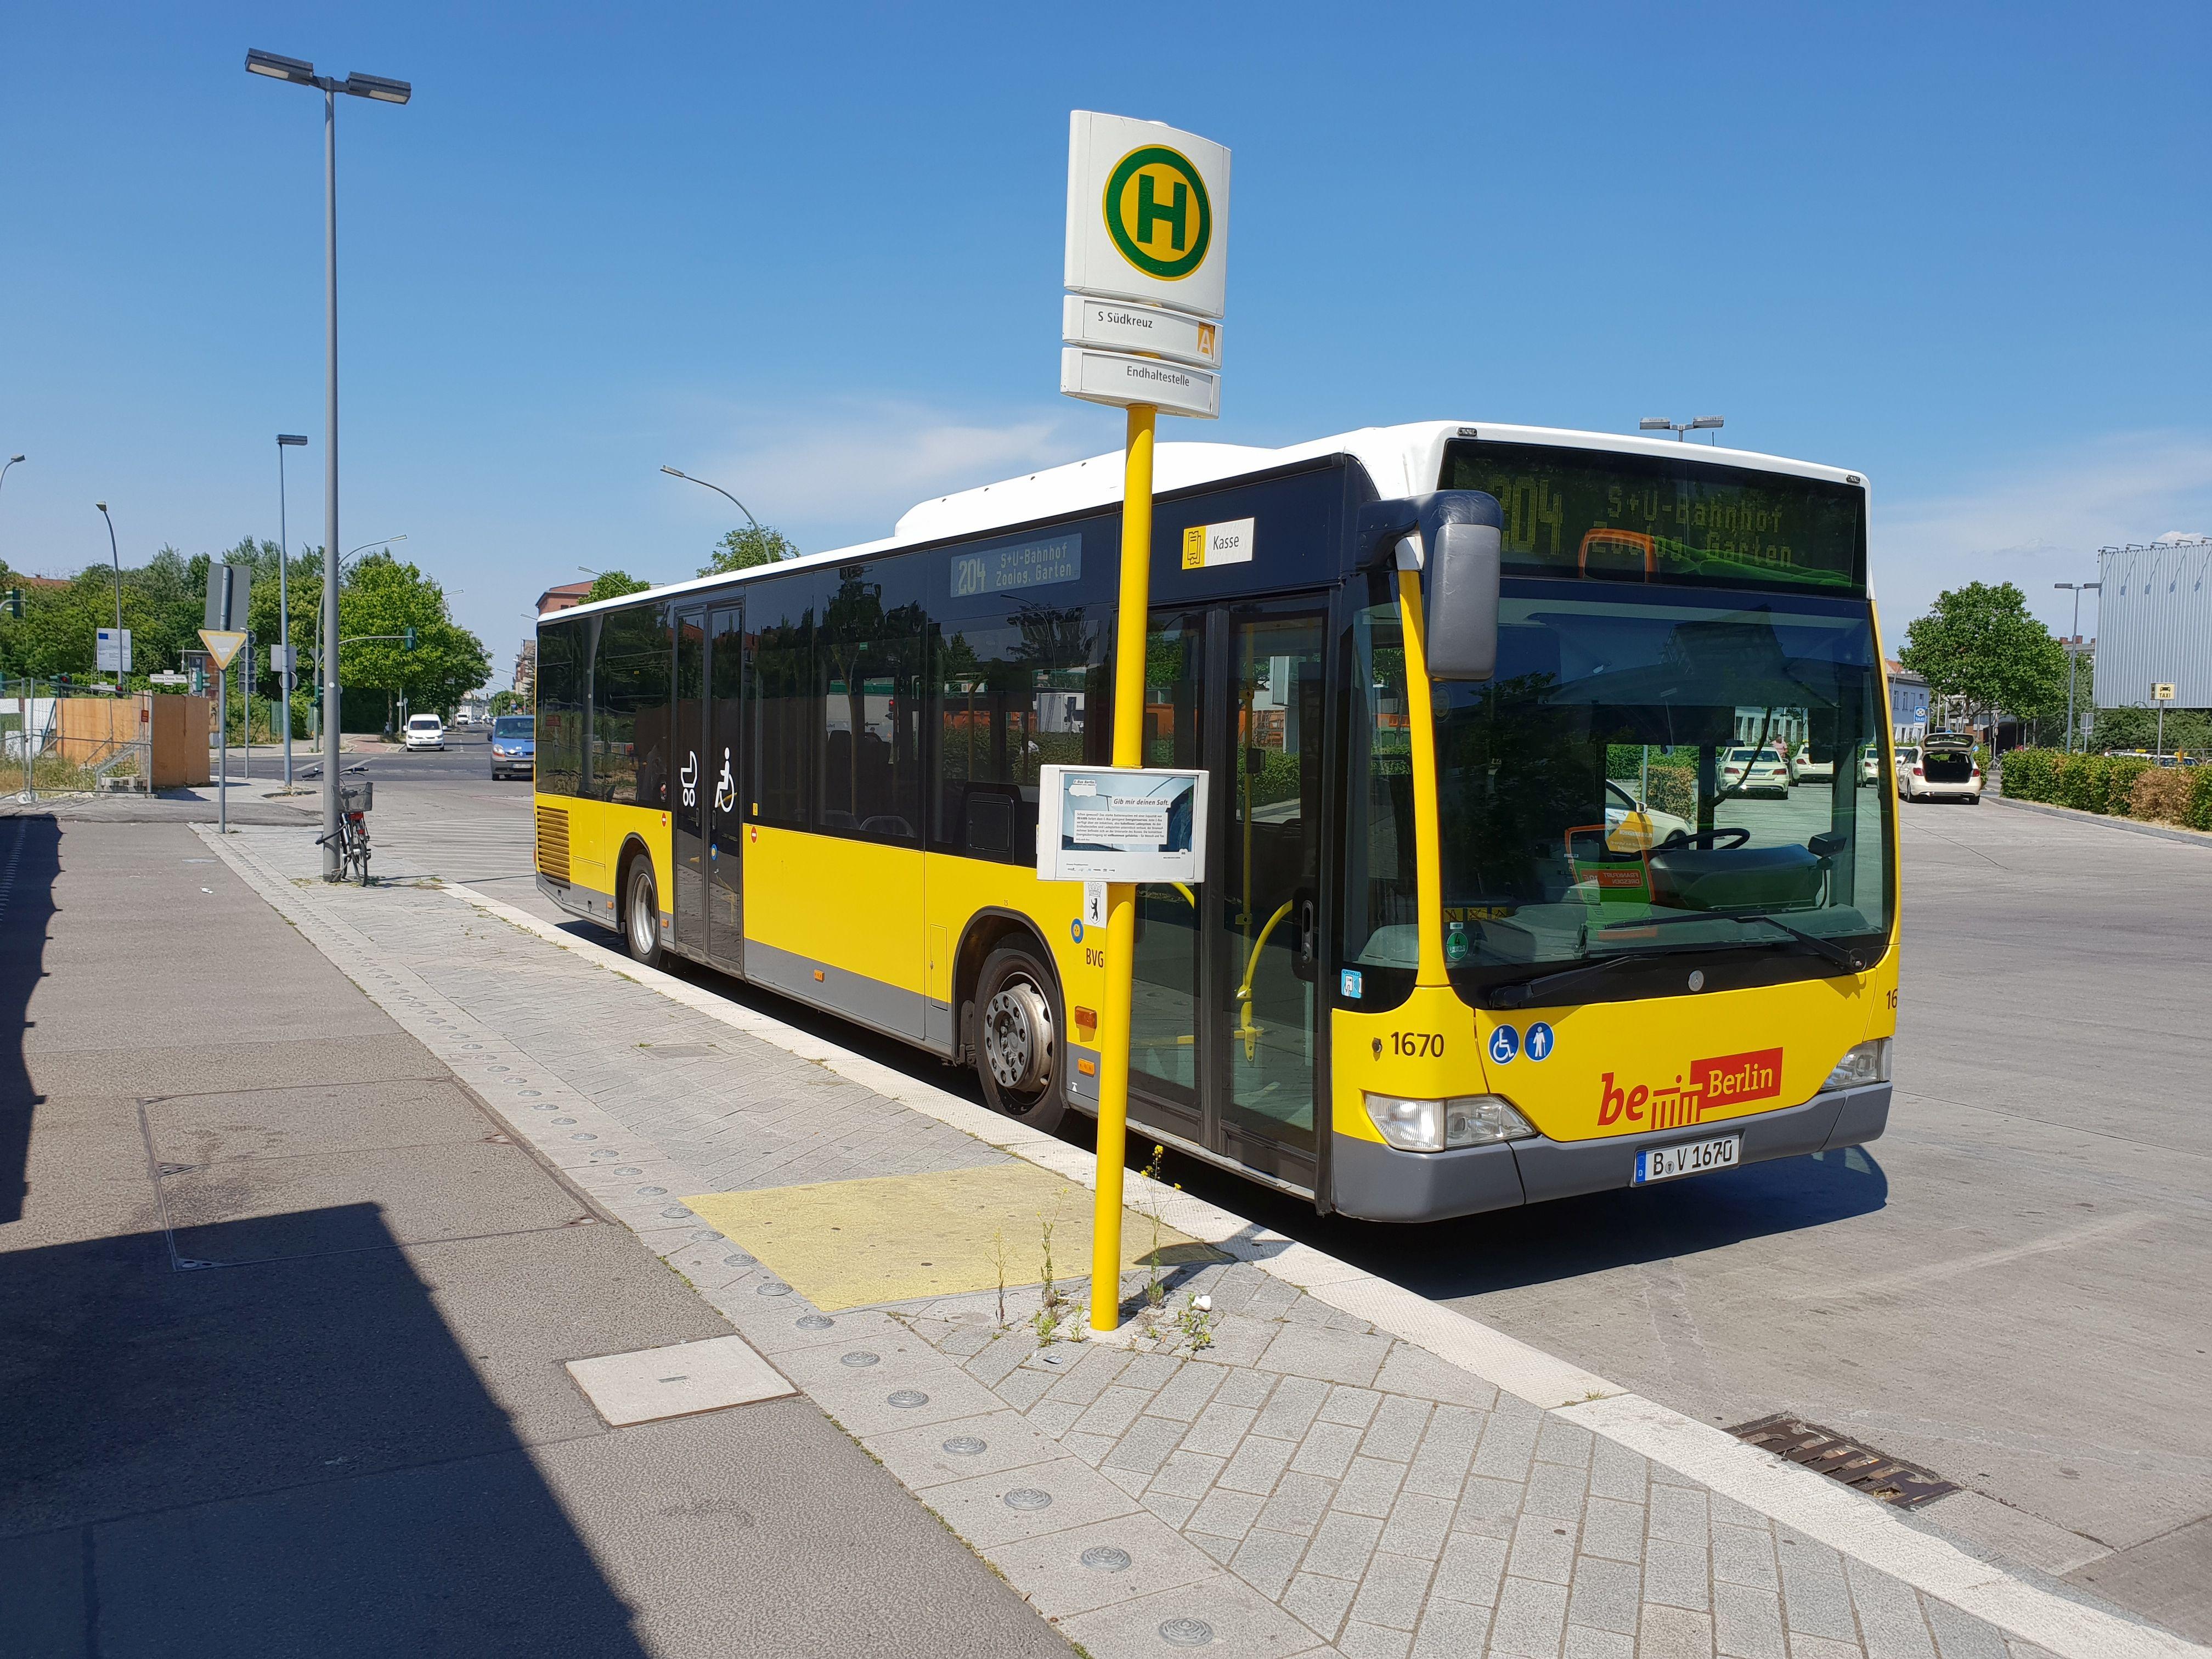 Foto: Bus 1670, Typ Citaro O530, Berlin Südkreuz, Juni 2018